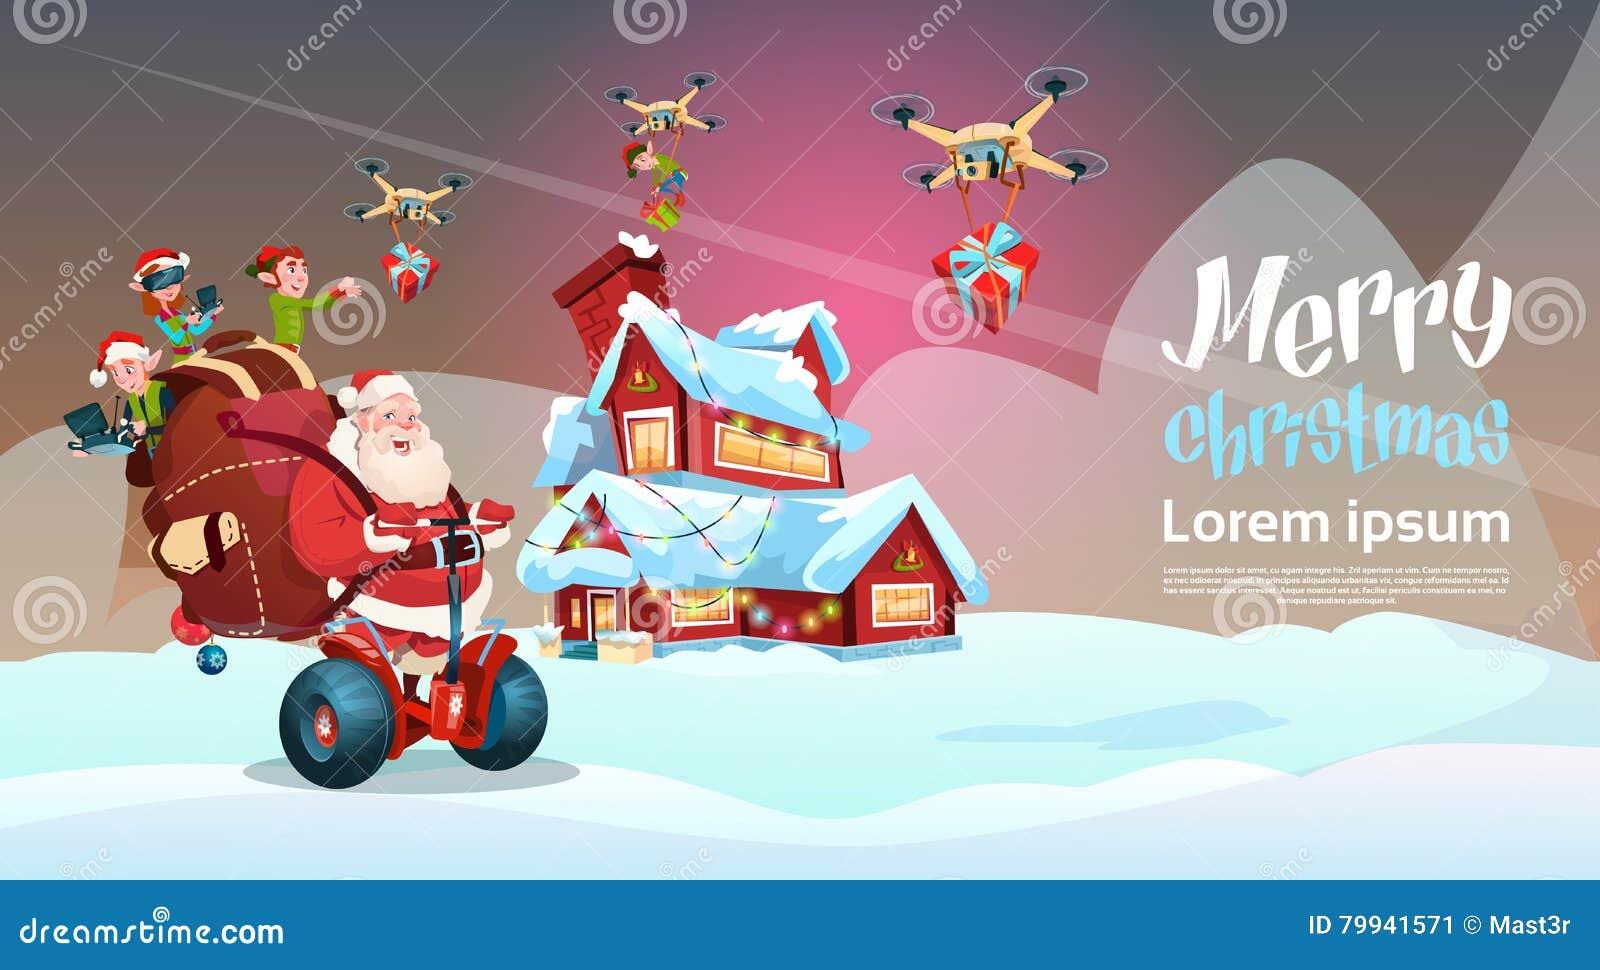 Santa Claus Ride Electric Segway Scooter, Elf het Vliegen Kerstmis van de Hommel Huidige Levering Vakantie Nieuwjaar